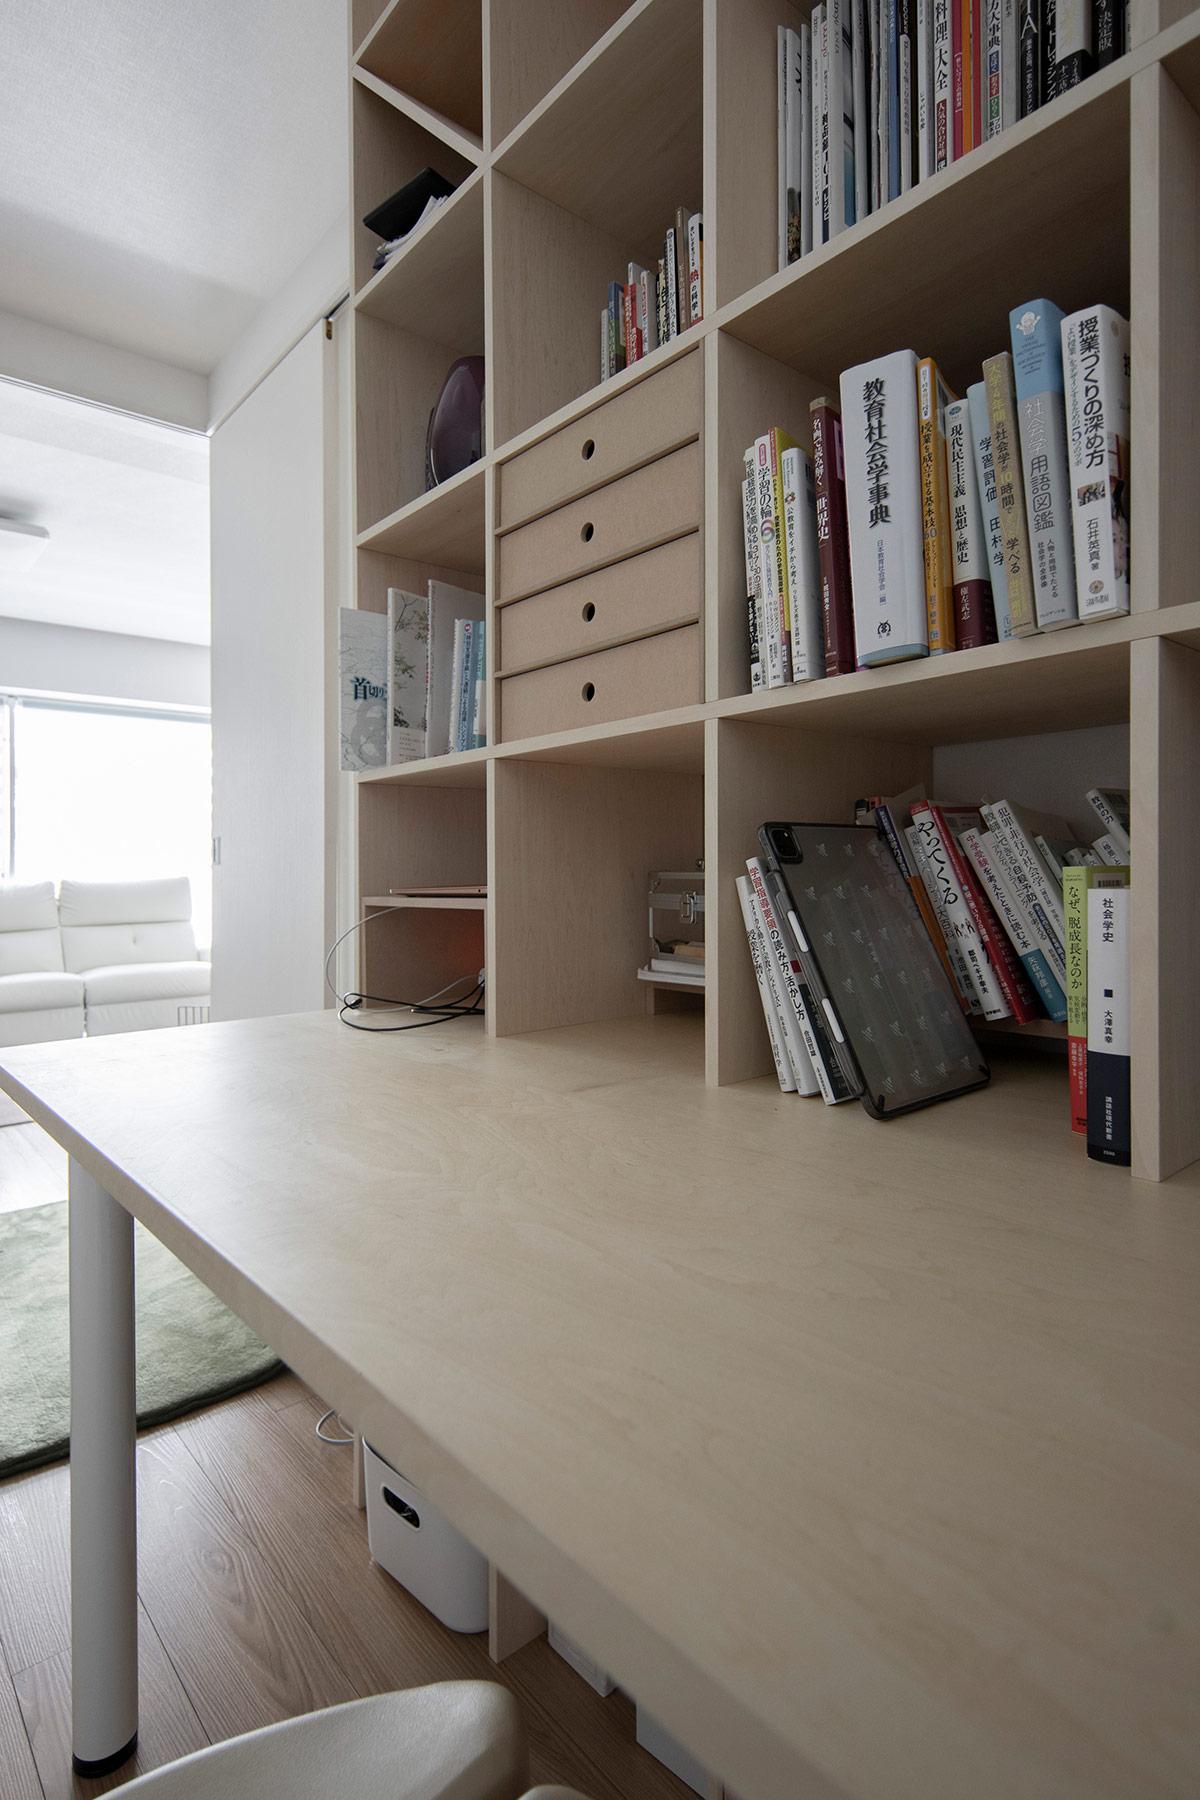 可動間仕切りで作られるリビングの一角に | デスク付き本棚 / Shelf (No.12) | マルゲリータ使用例 シンプル おしゃれ 部屋 インテリア レイアウト